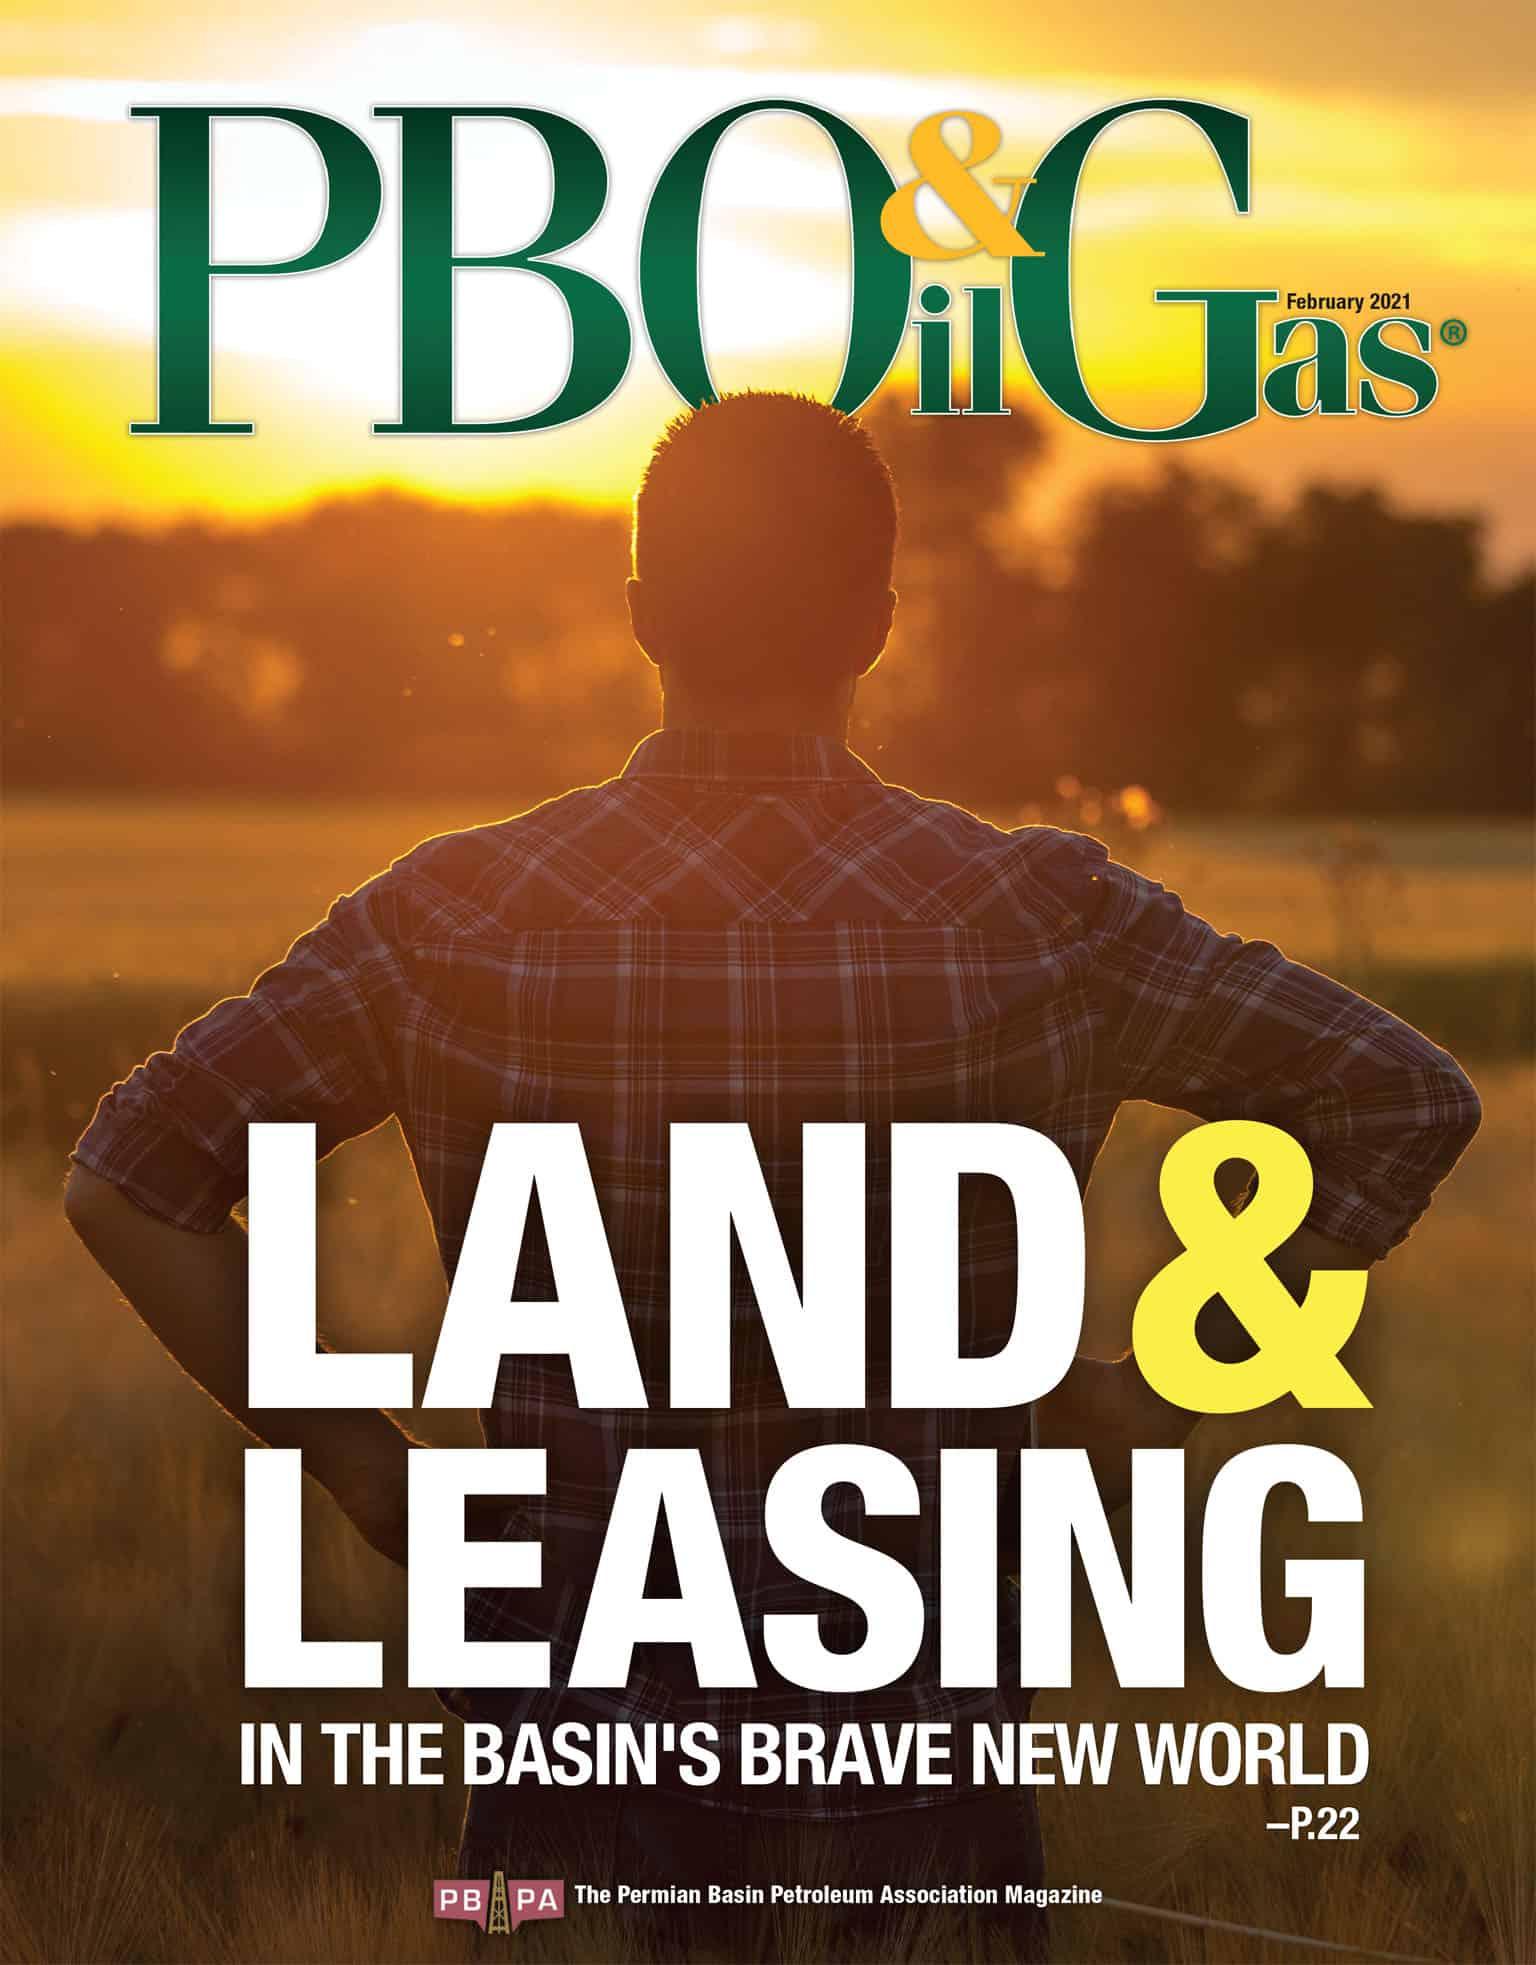 land leasing pboil